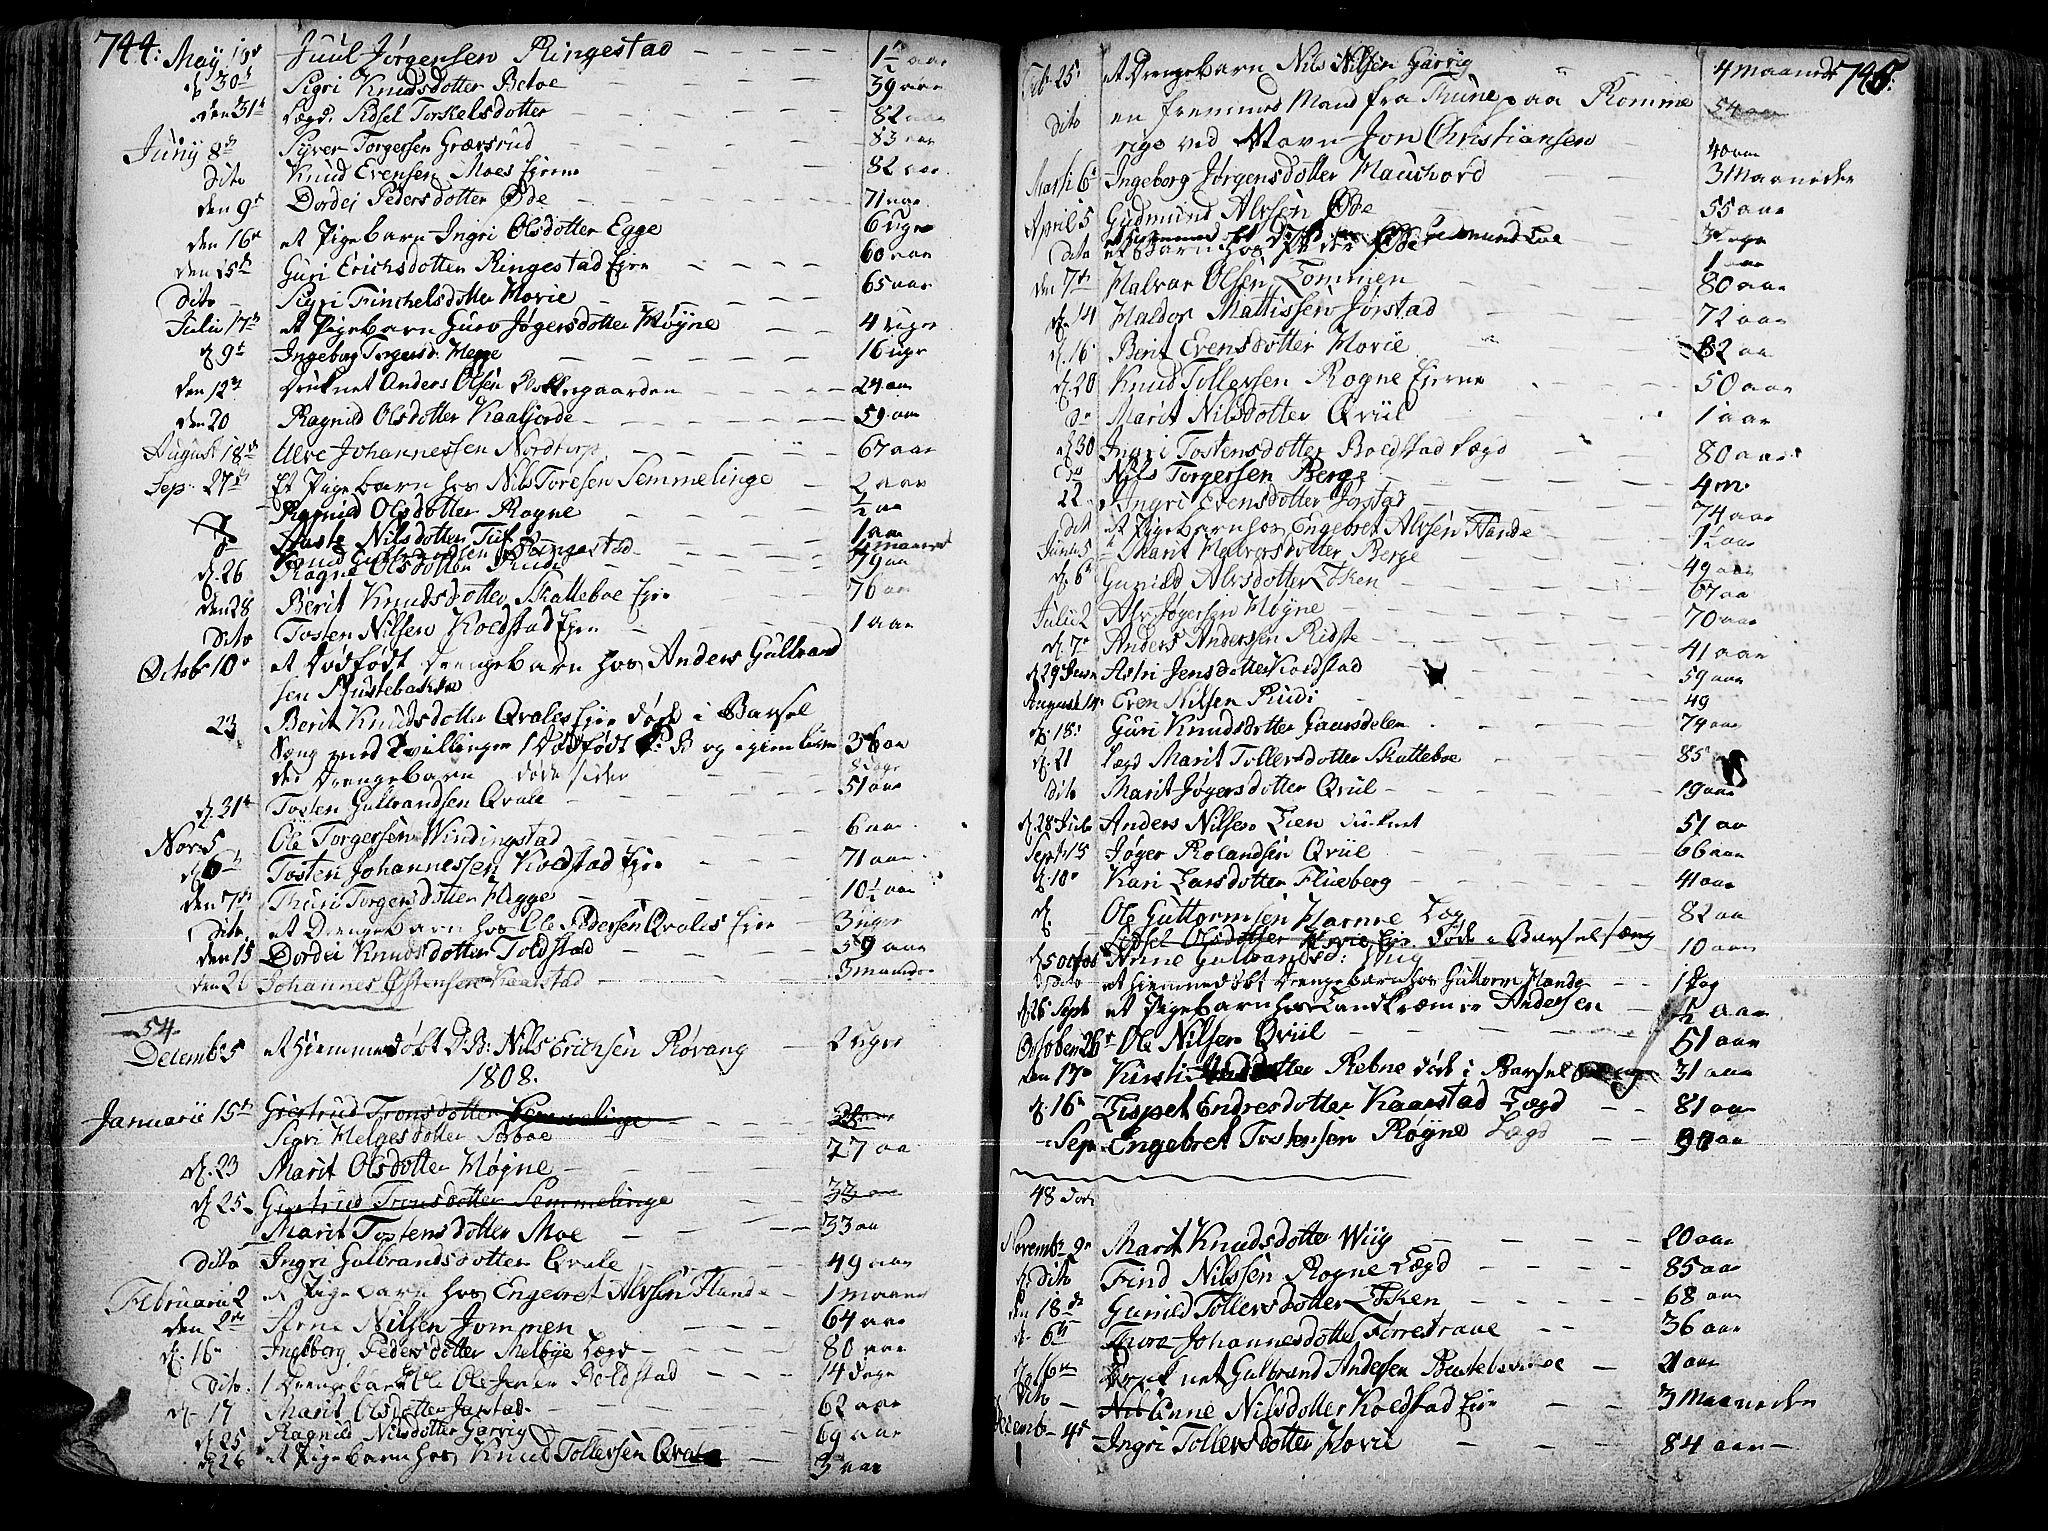 SAH, Slidre prestekontor, Ministerialbok nr. 1, 1724-1814, s. 744-745